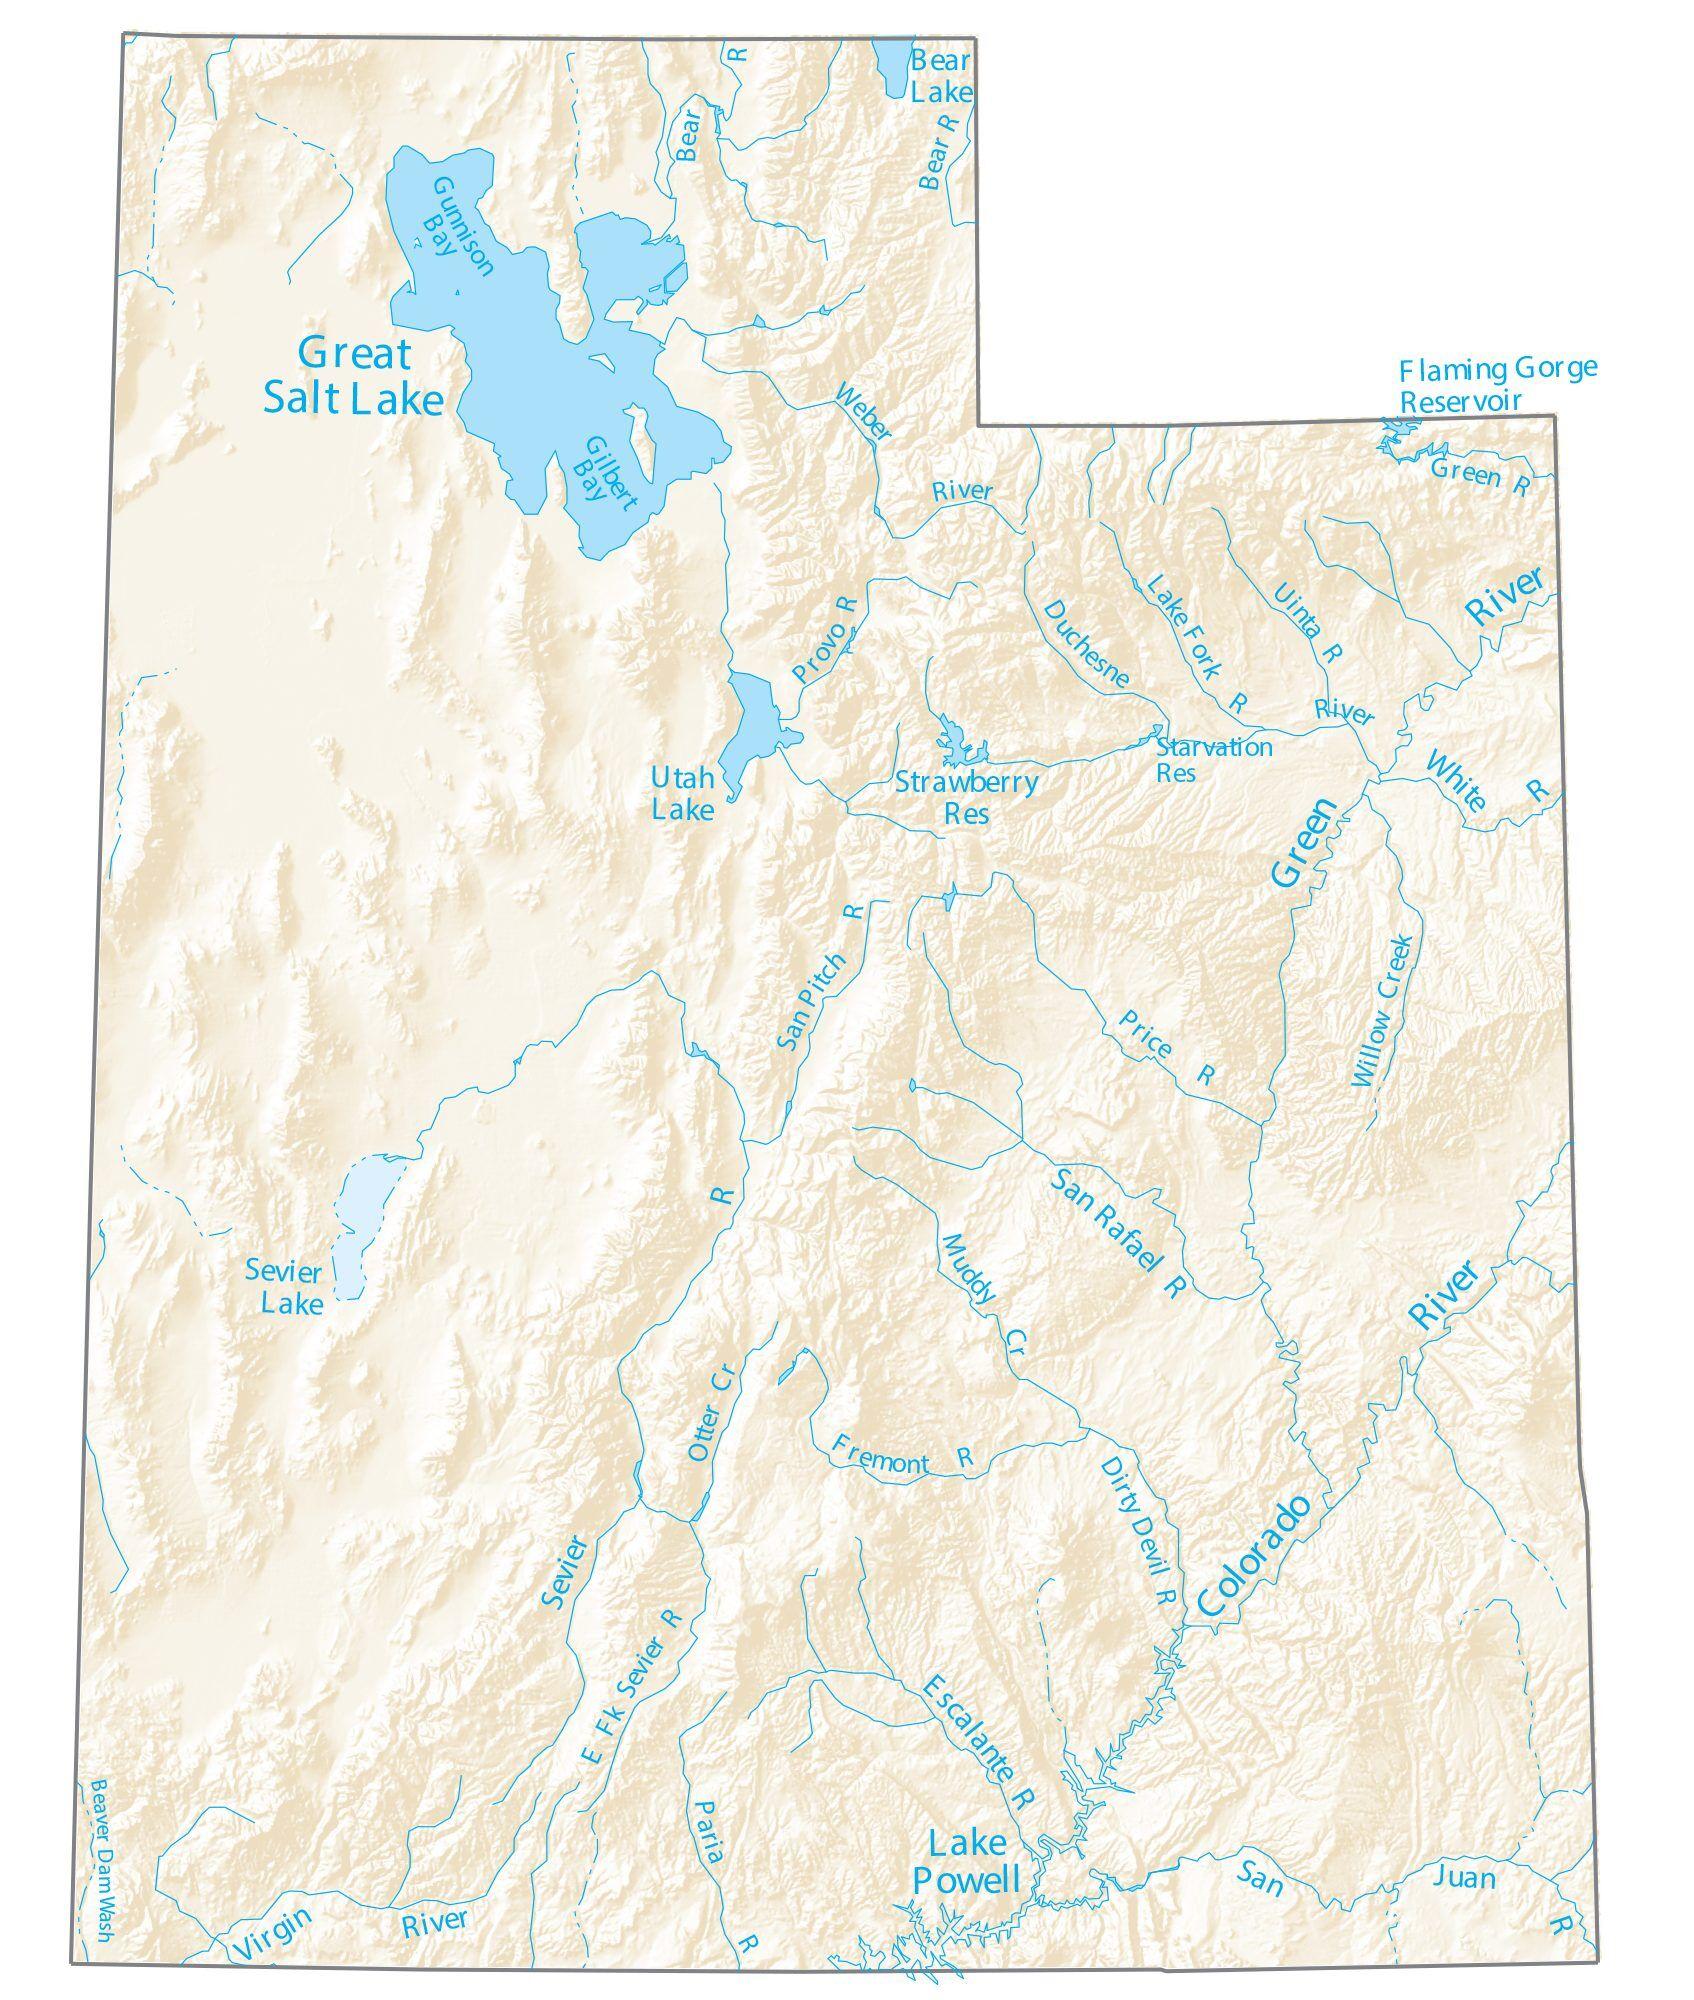 map of utah lakes and reservoirs Utah Lakes And Rivers Map Gis Geography map of utah lakes and reservoirs